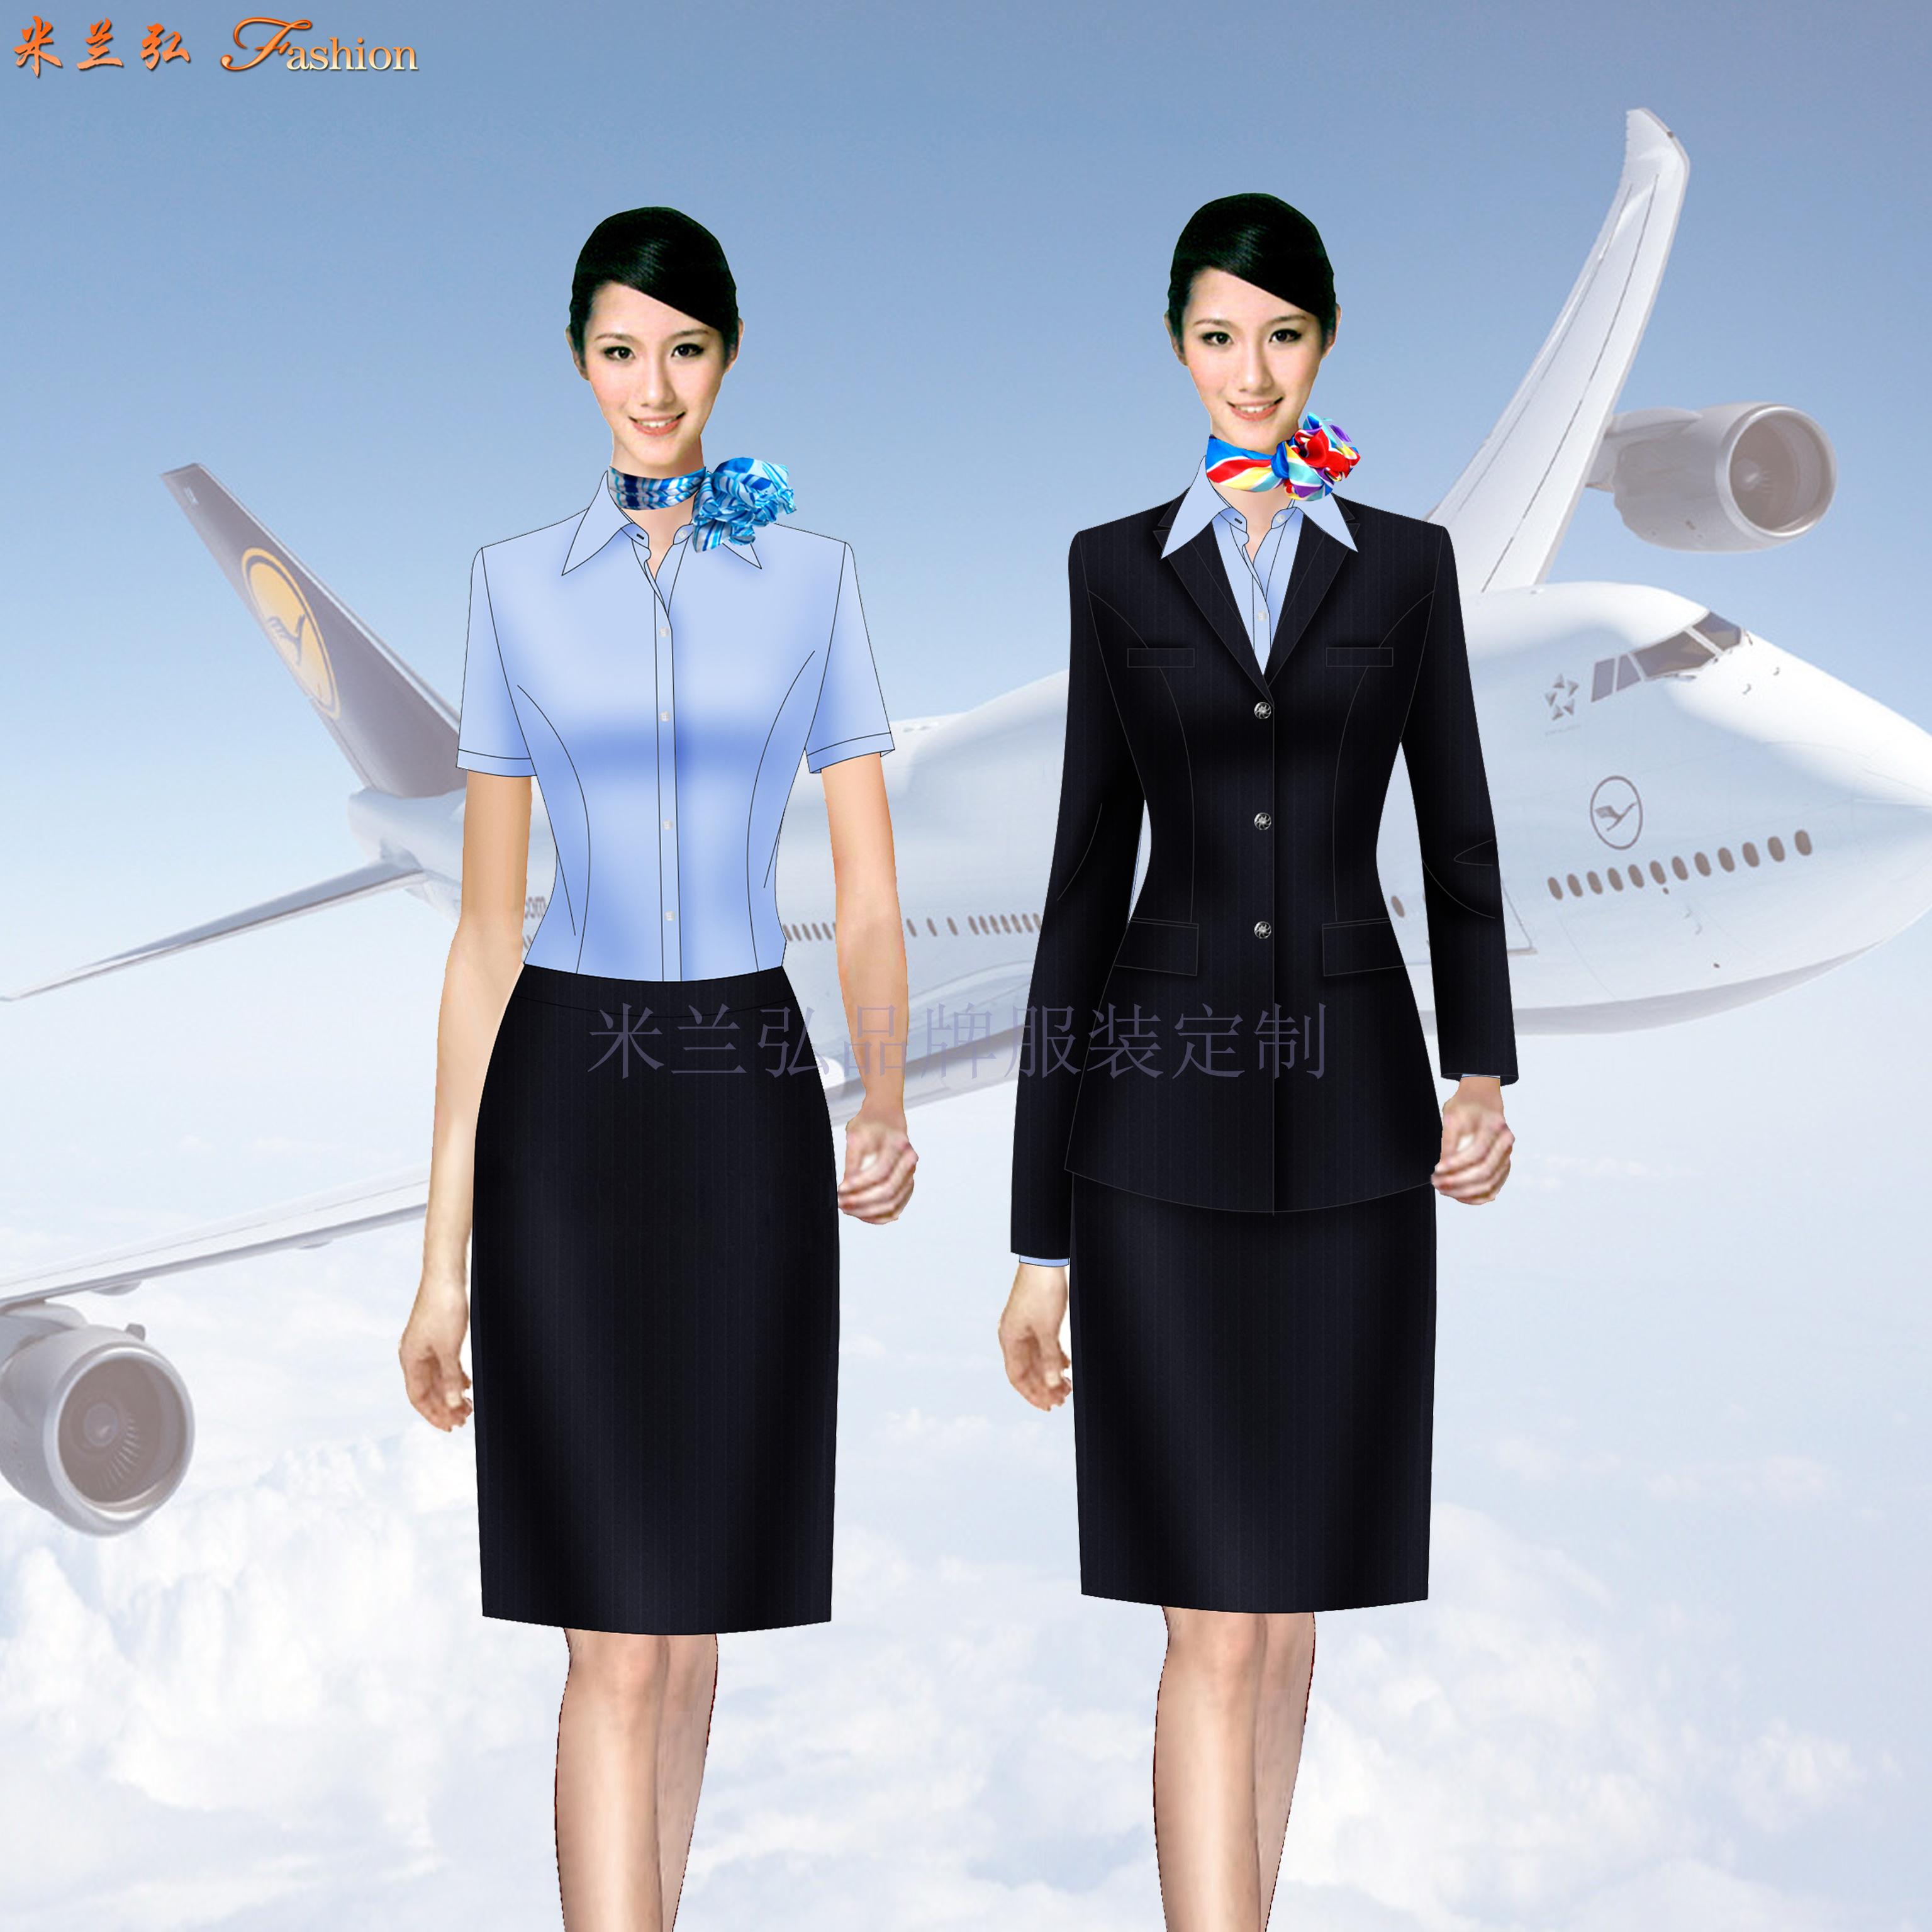 「機場地勤服裝定製」「值機工作服定做」「機場客服職業裝訂製」-4